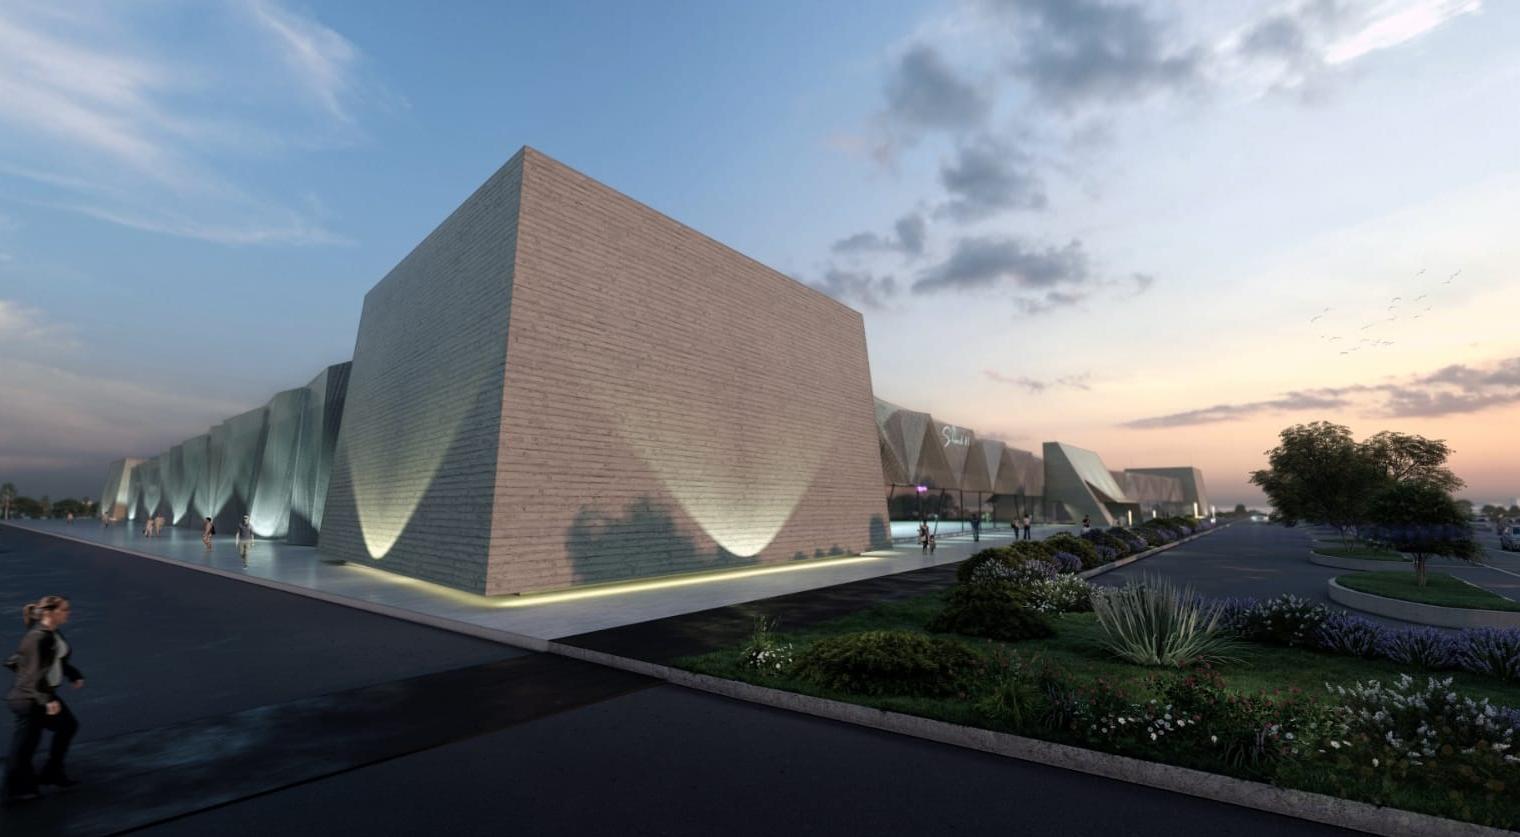 Affidato alla Masema Immobiliare il progetto del nuovo Parco Commerciale Shardana di Assemini